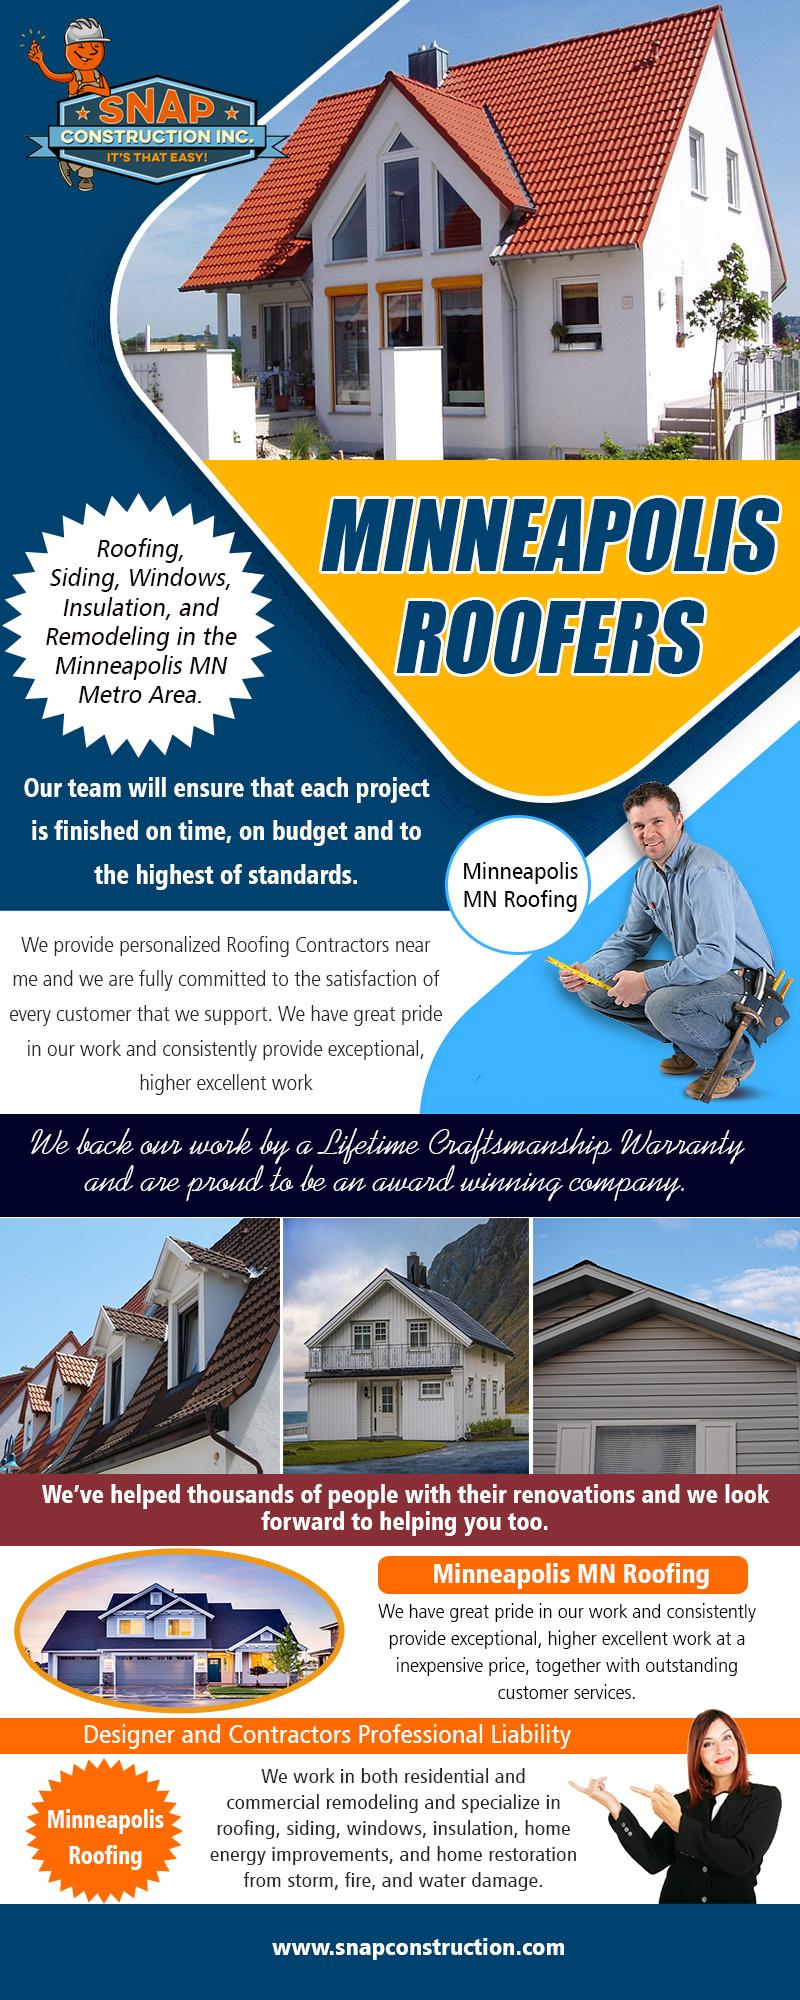 Minneapolis Roofers